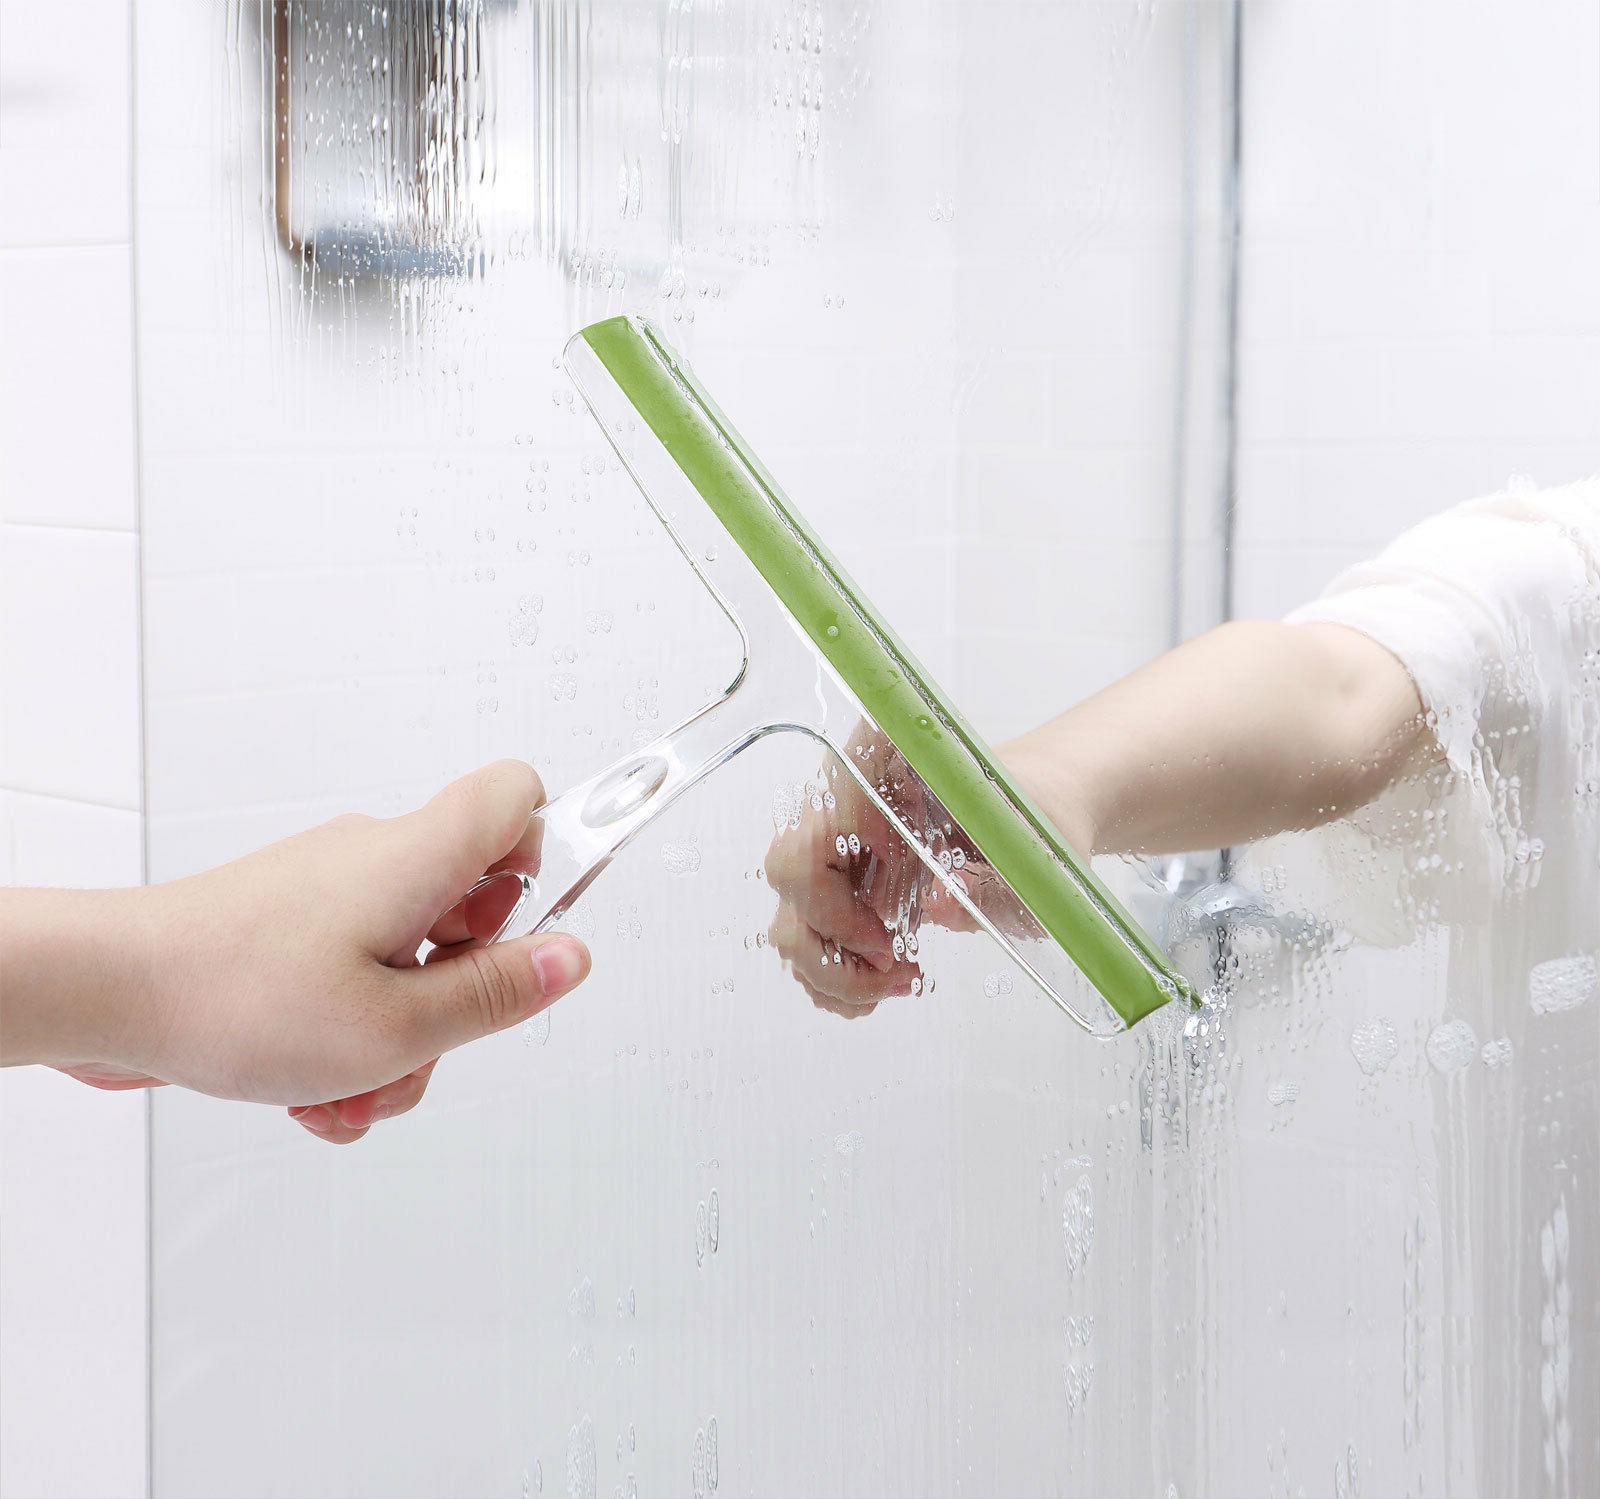 Ettori Shower Squeegee Clear Glass Cleaner Wiper